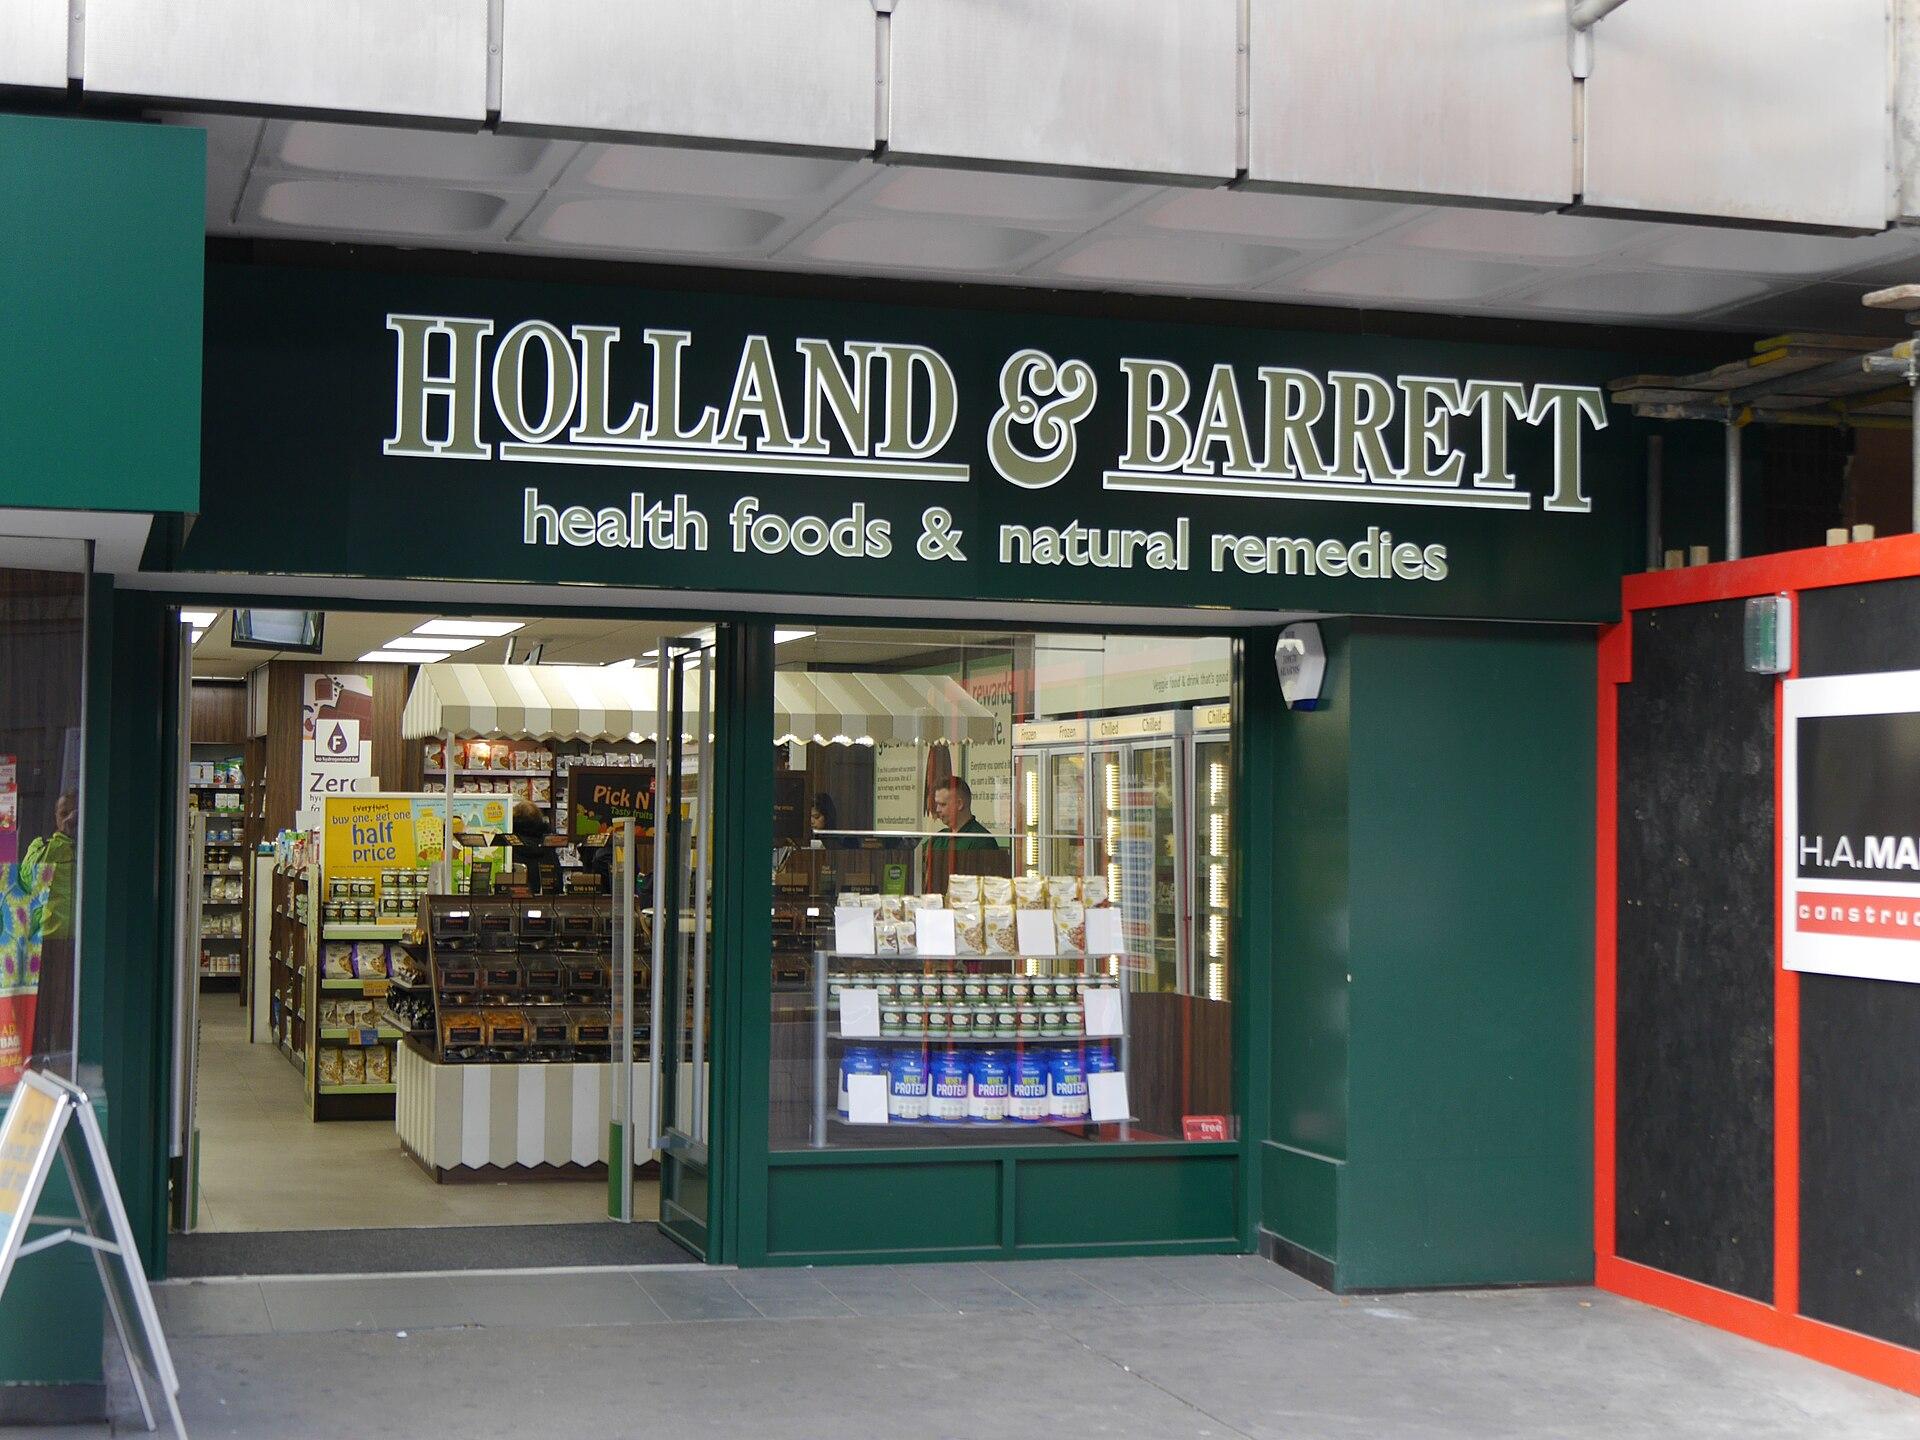 Holland & Barrett - Wikipedia